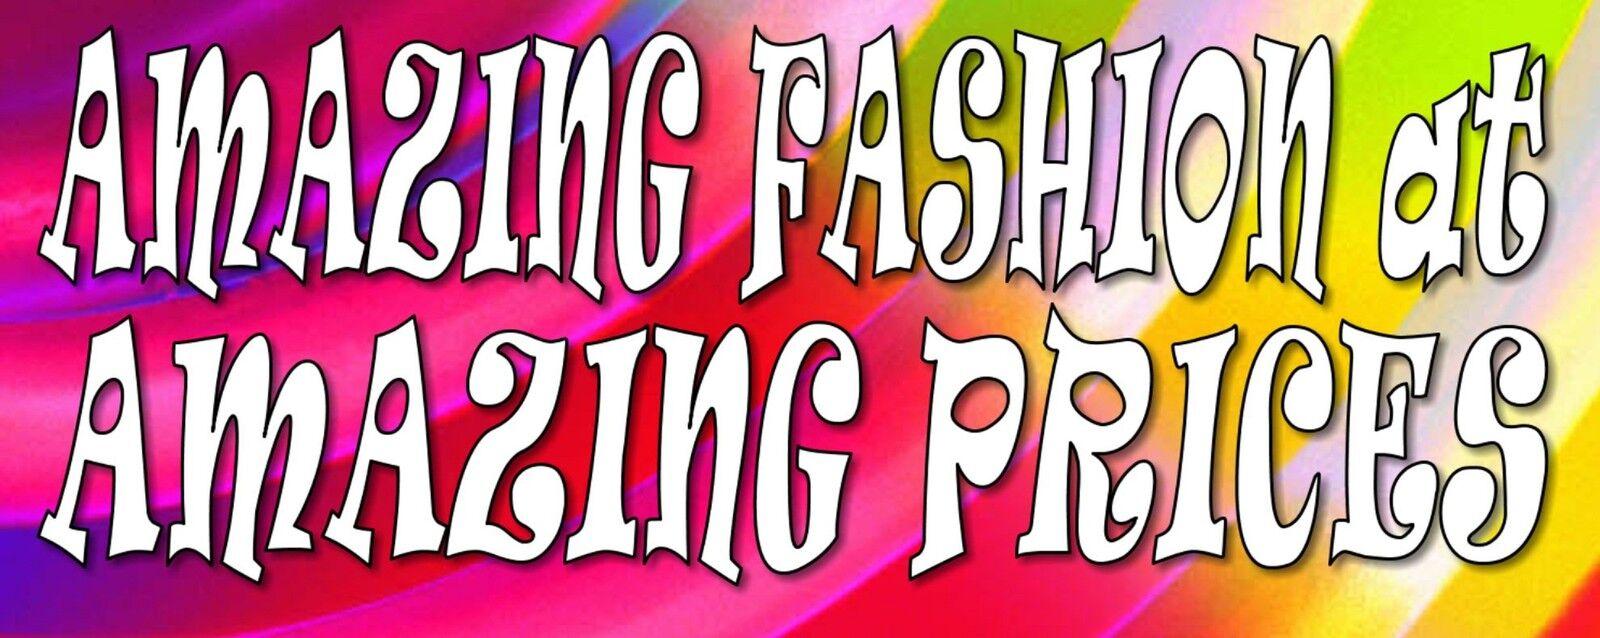 Amazing Fashion at Amazing Prices